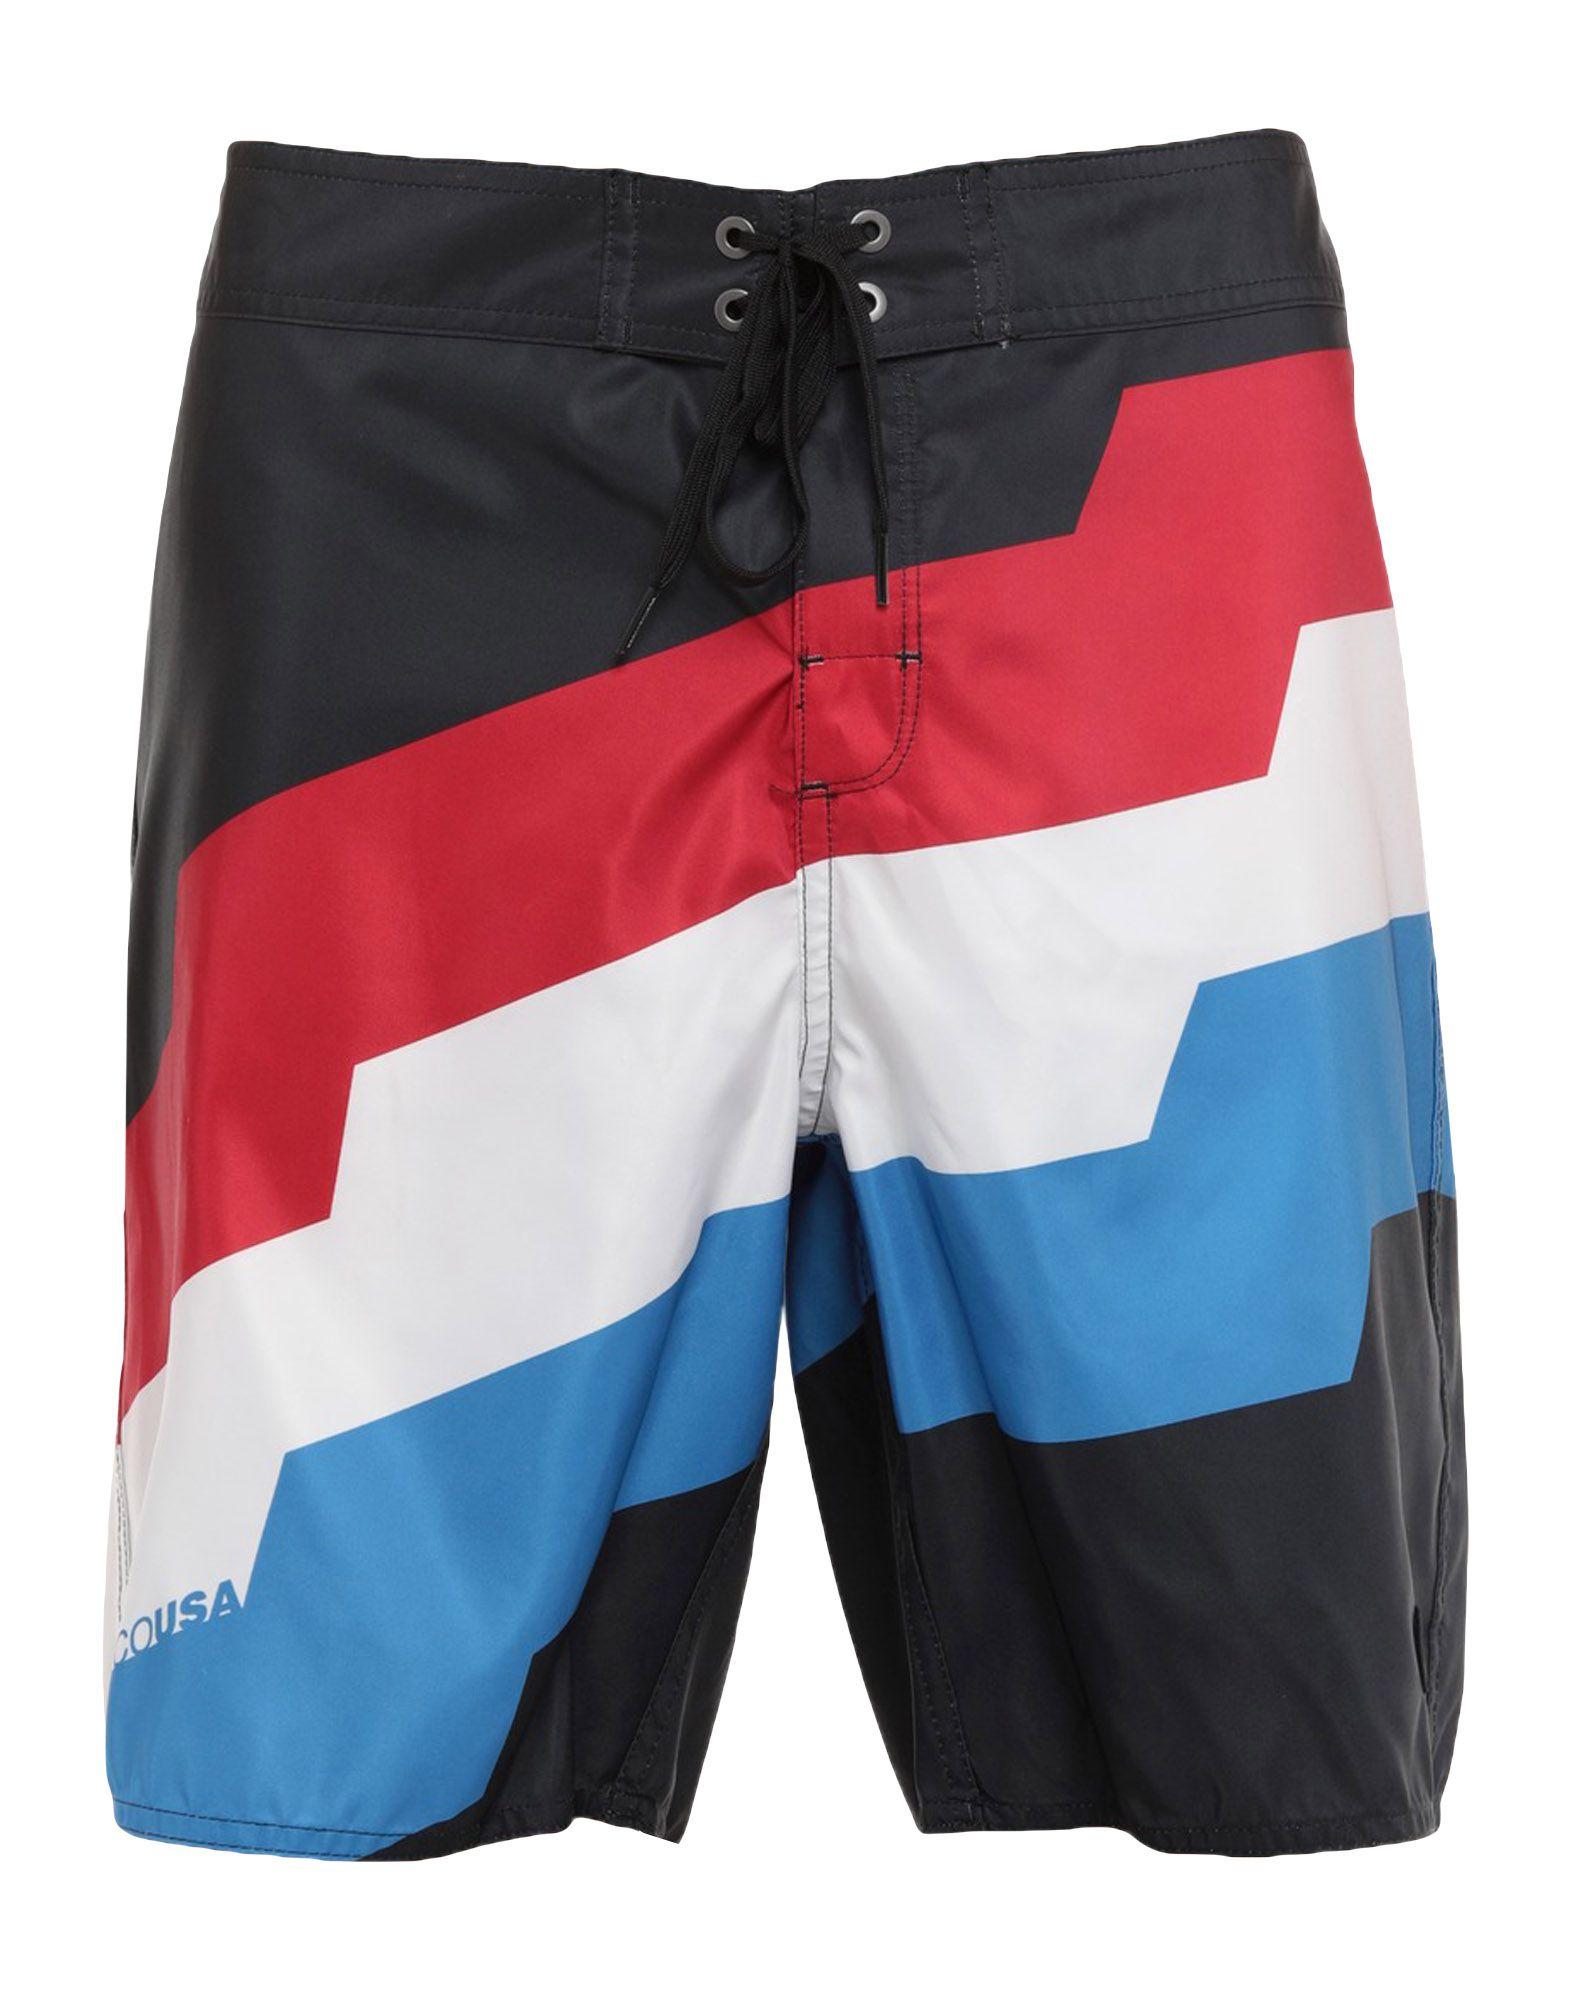 DC SHOECOUSA Пляжные брюки и шорты шорты пляжные